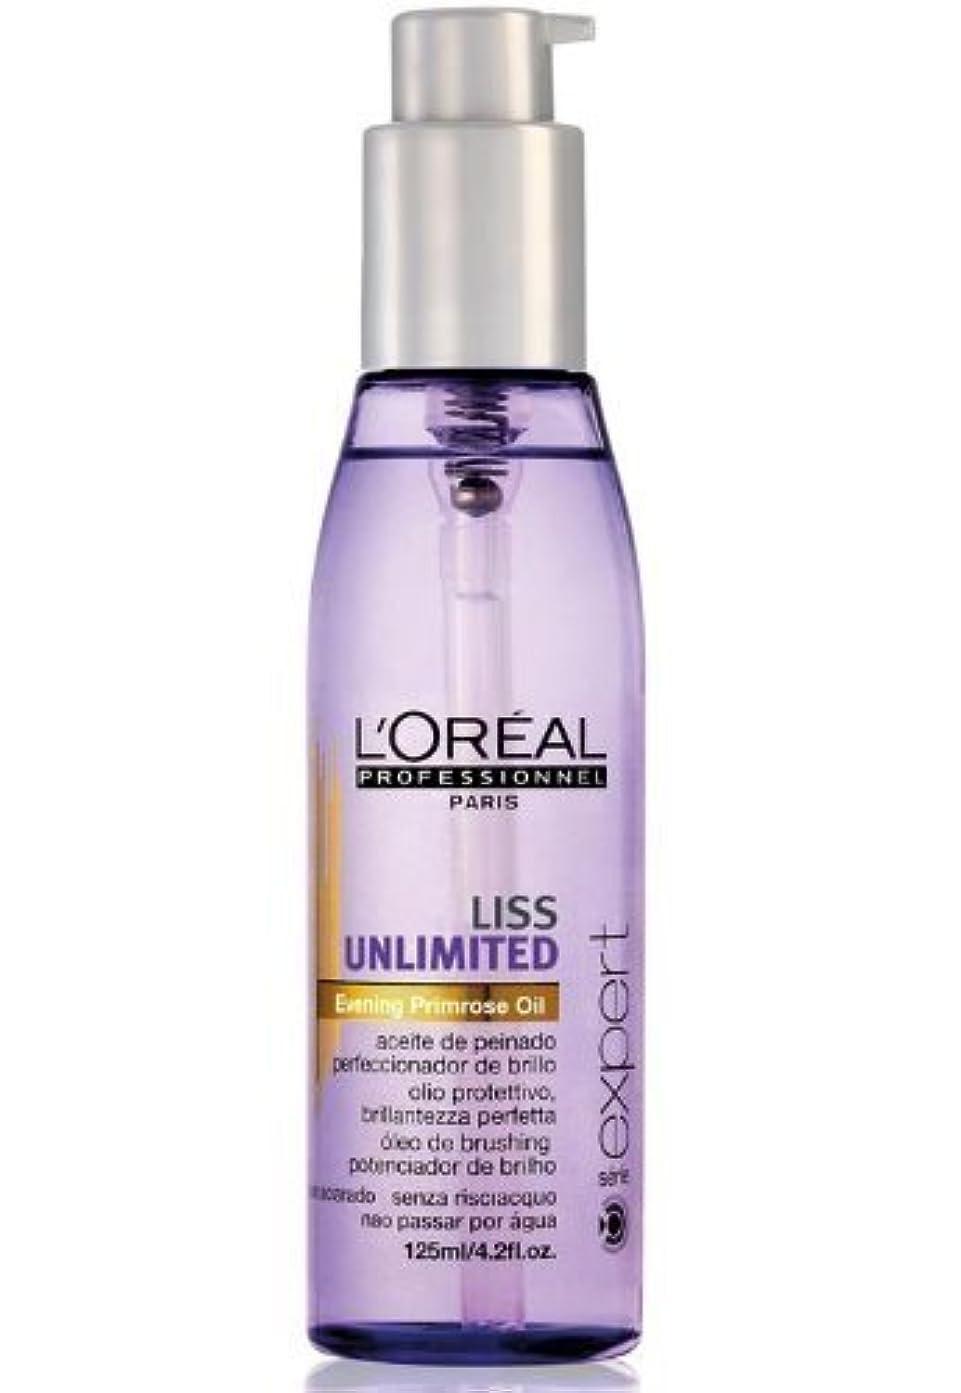 同一性熟達なめらかなNew 2013!!! L'oreal Liss Unlimited Oil for Smoothening and shining of hair, softens even the most frizzy hair...